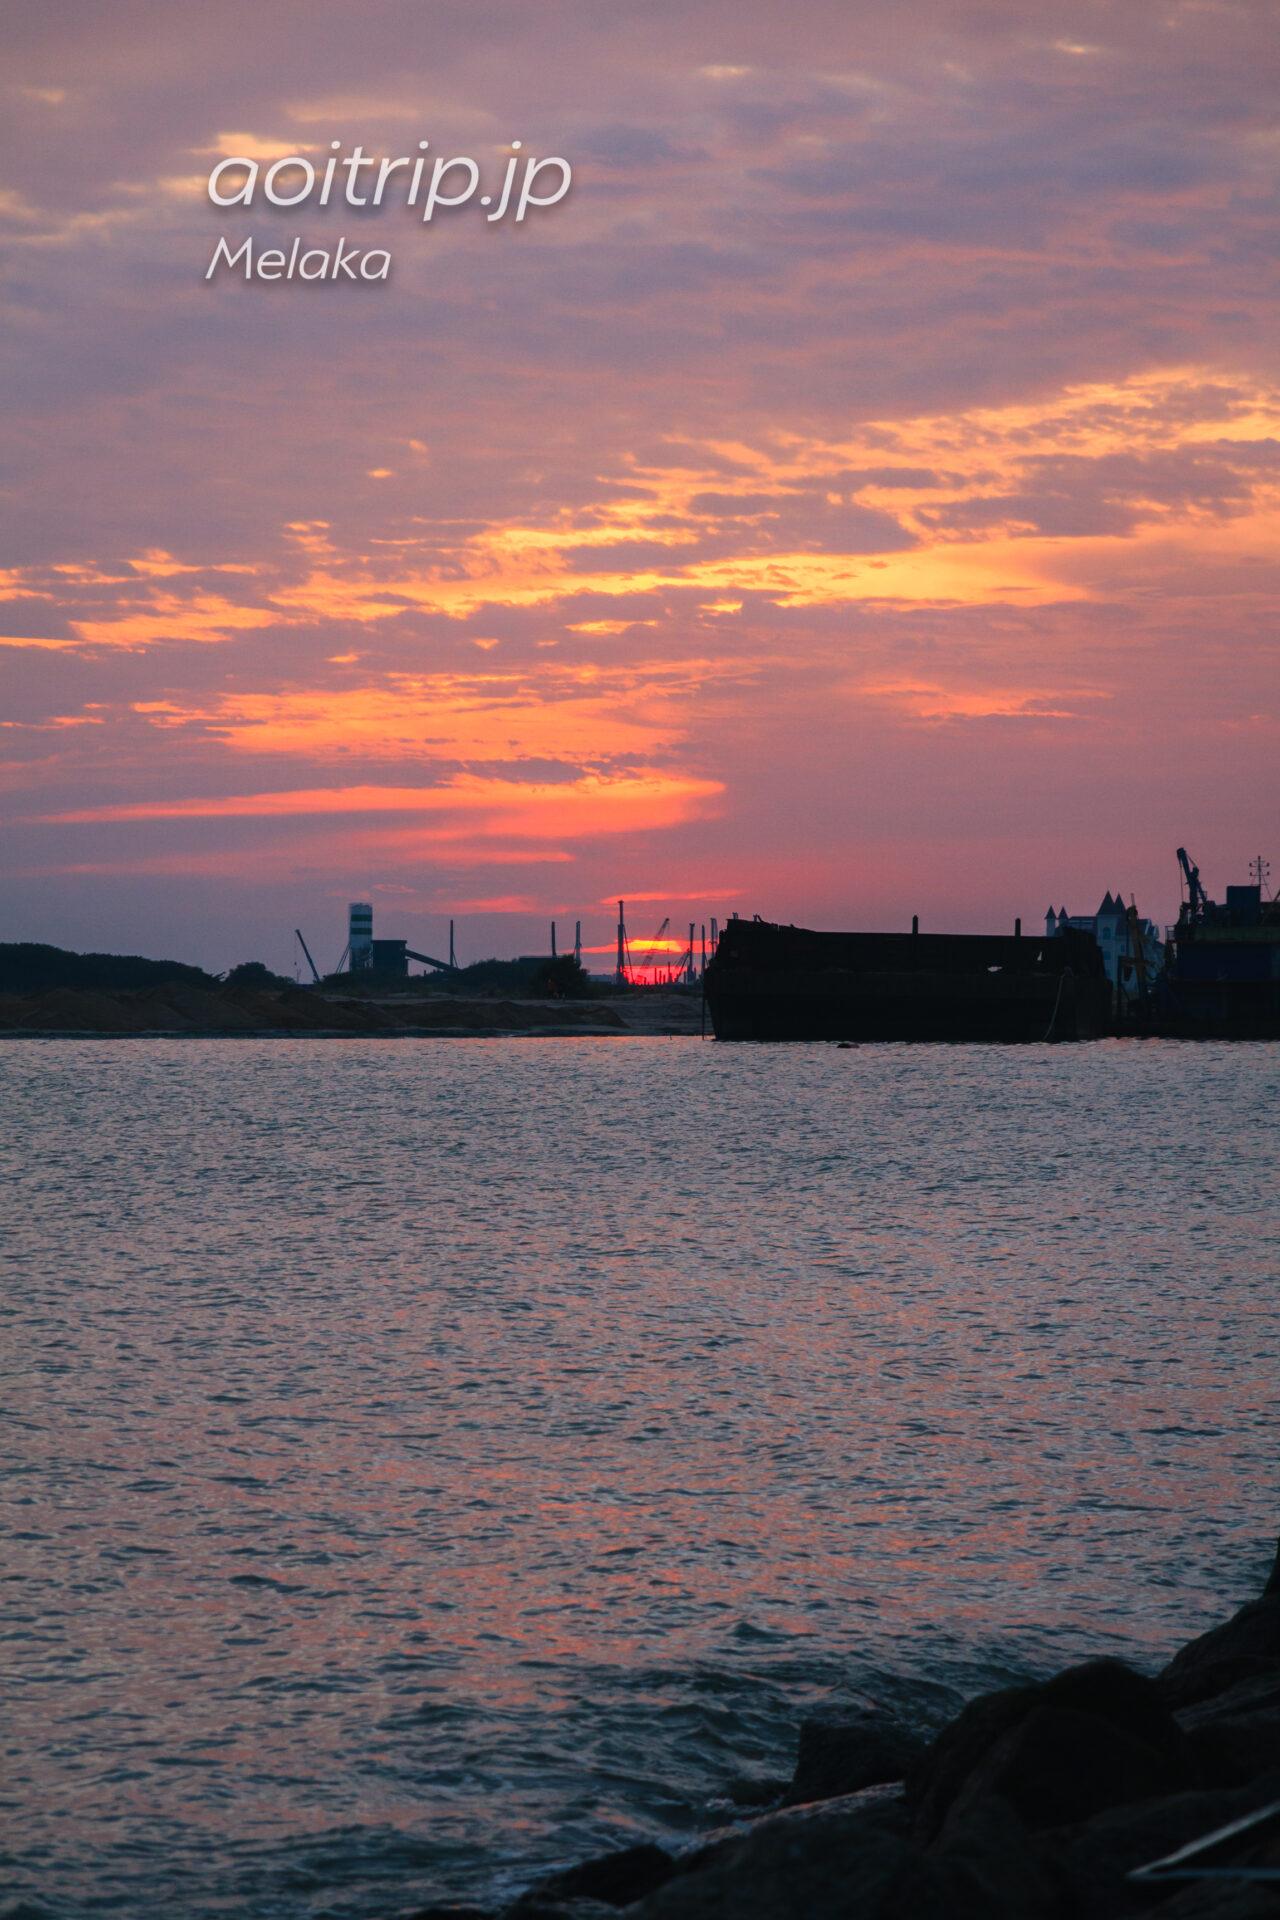 マラッカ海峡に沈む朱色の夕日を求めて